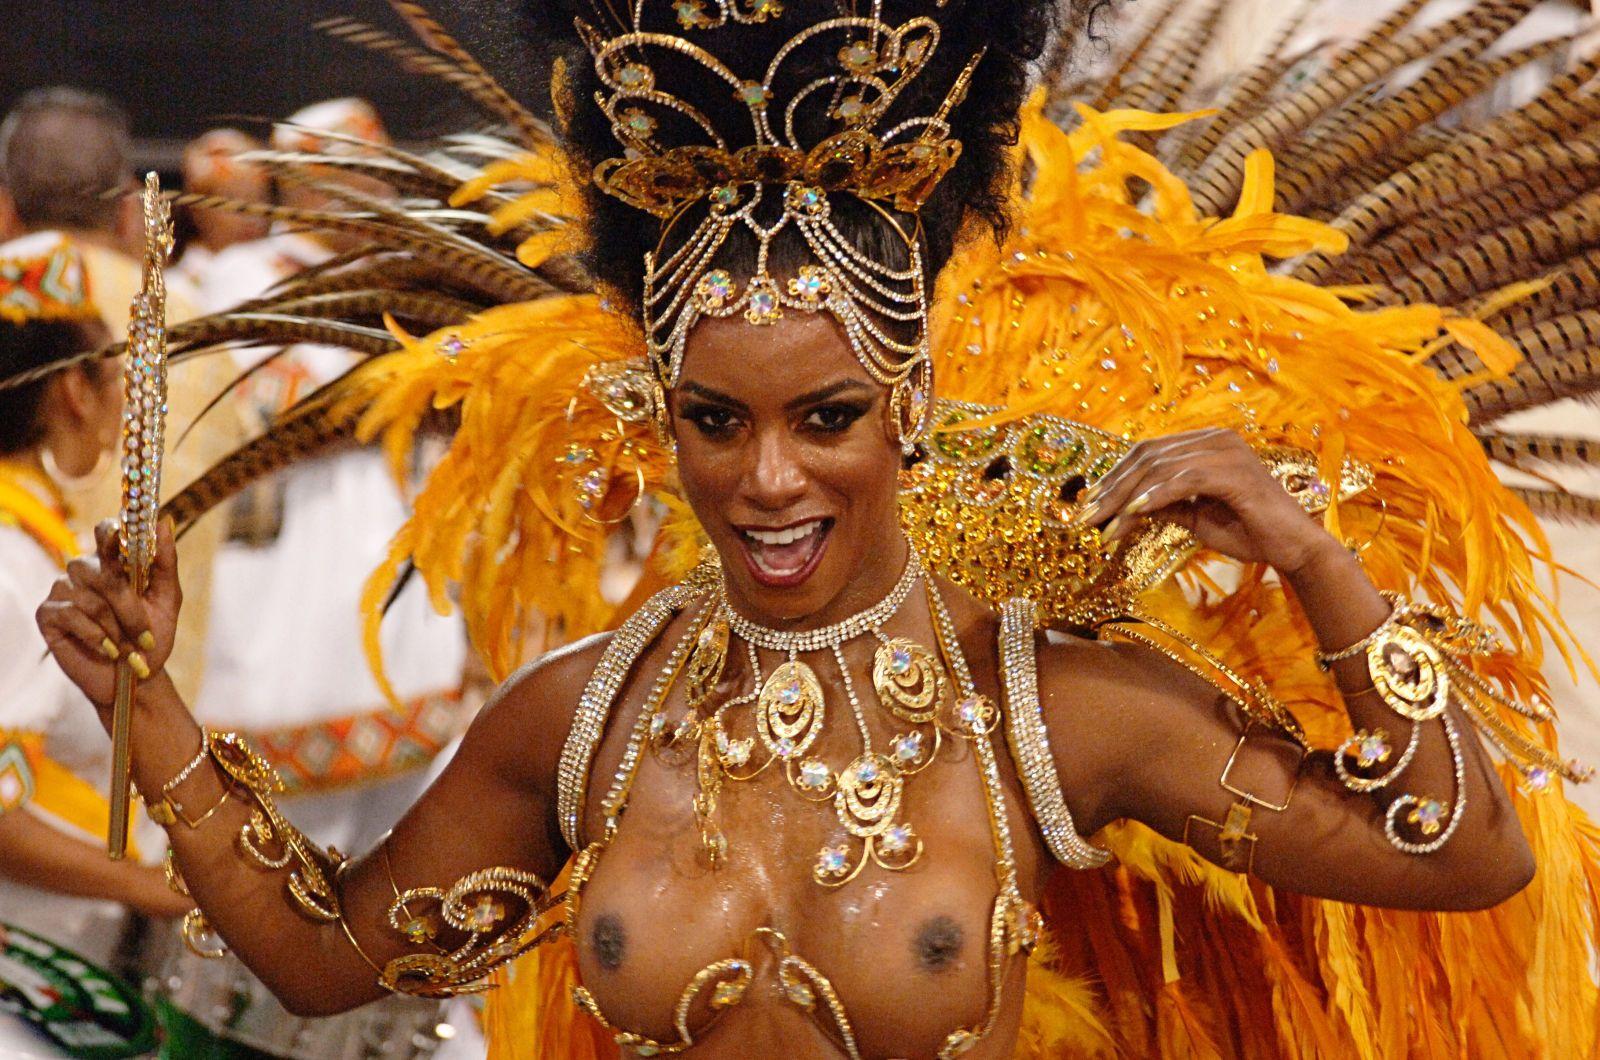 смотреть онлайн карнавал без цензуры бразильский